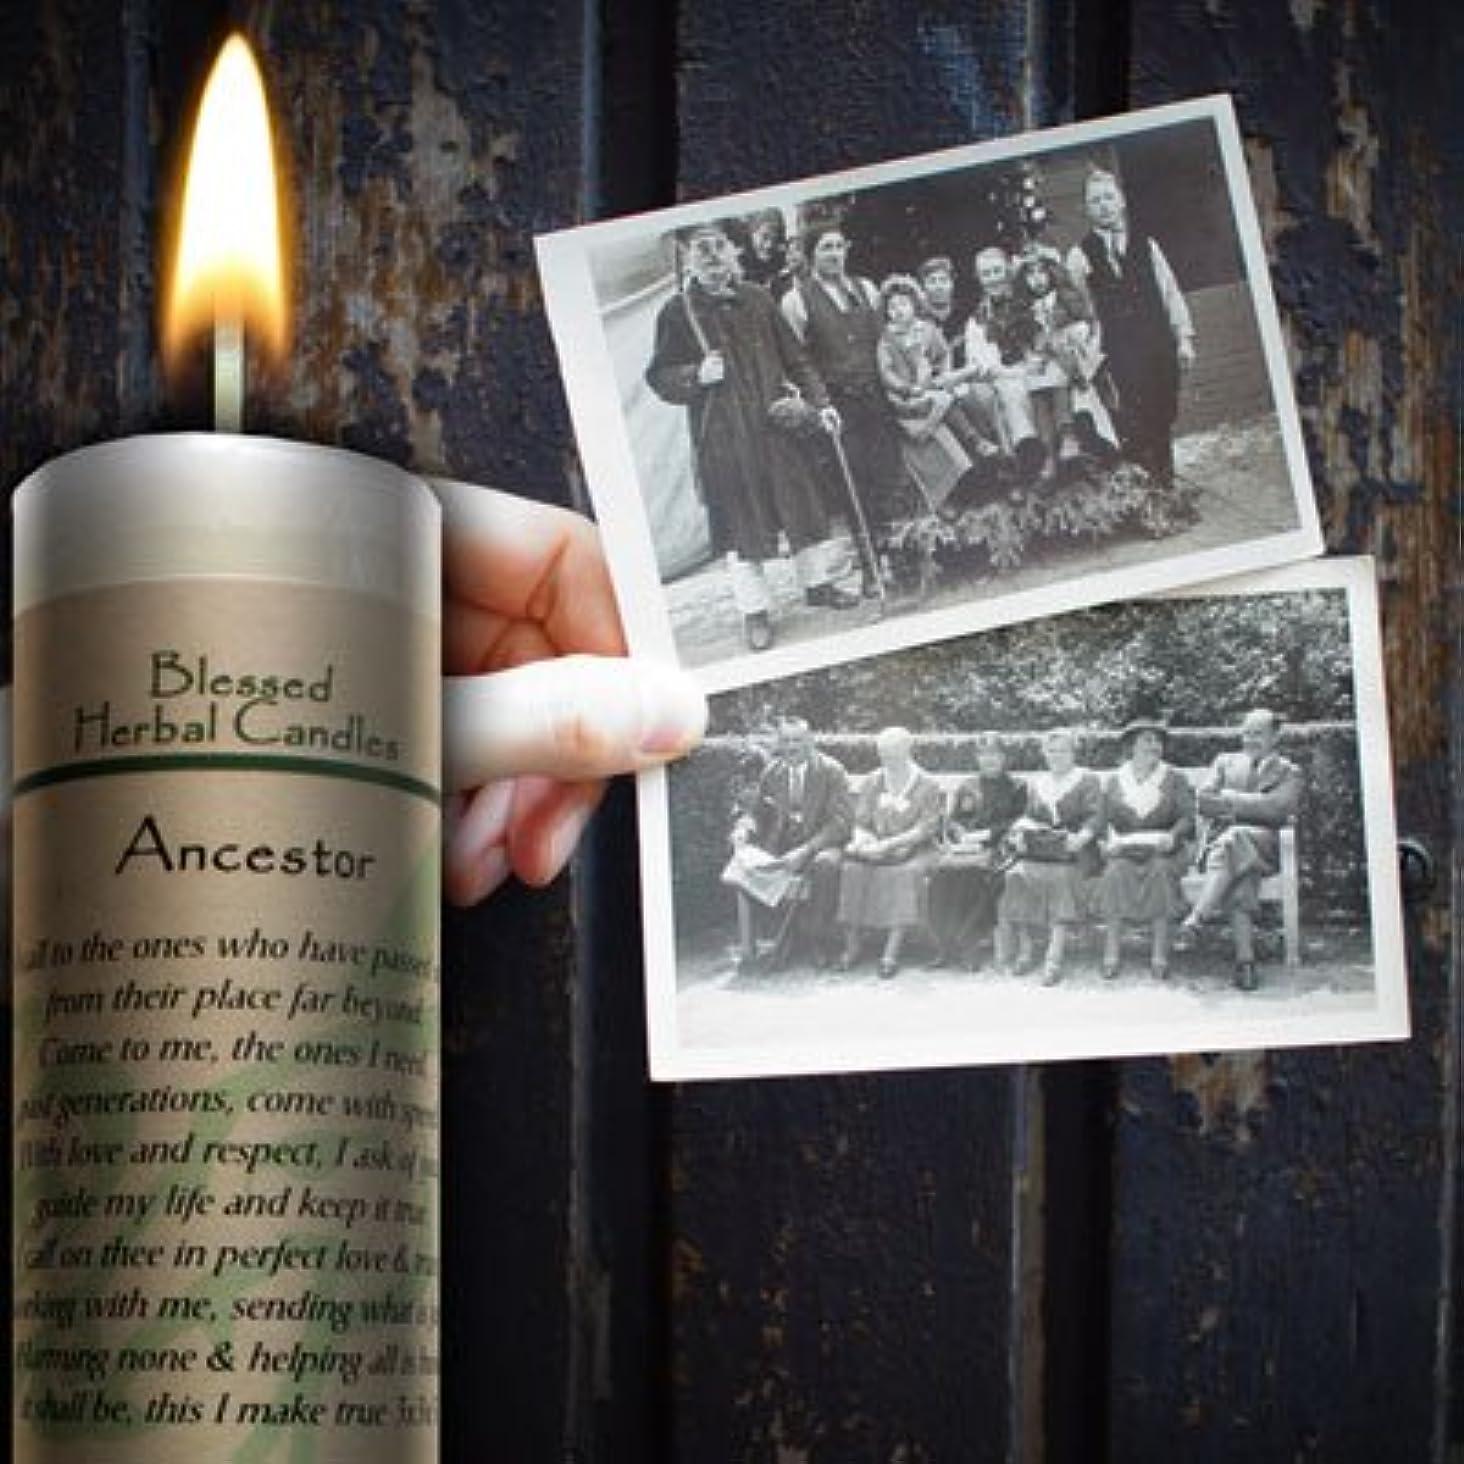 外観不満破壊的なBlessedハーブ祖先Candle